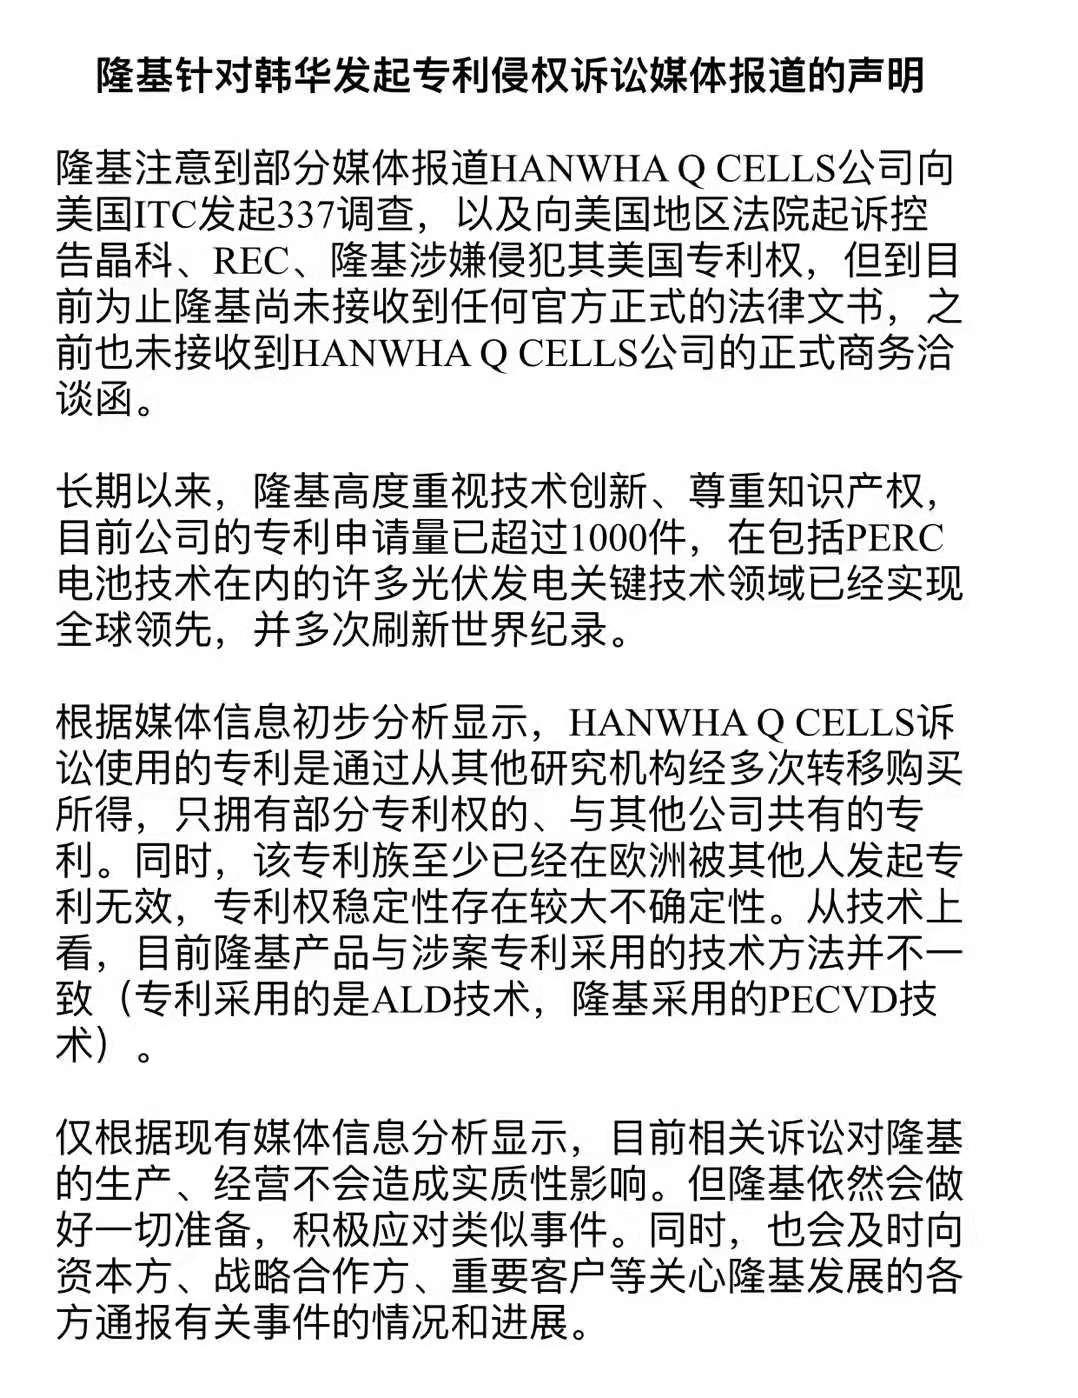 """光伏龙头""""互掐?#20445;?晶科、隆基缘何被韩企指控侵权?"""